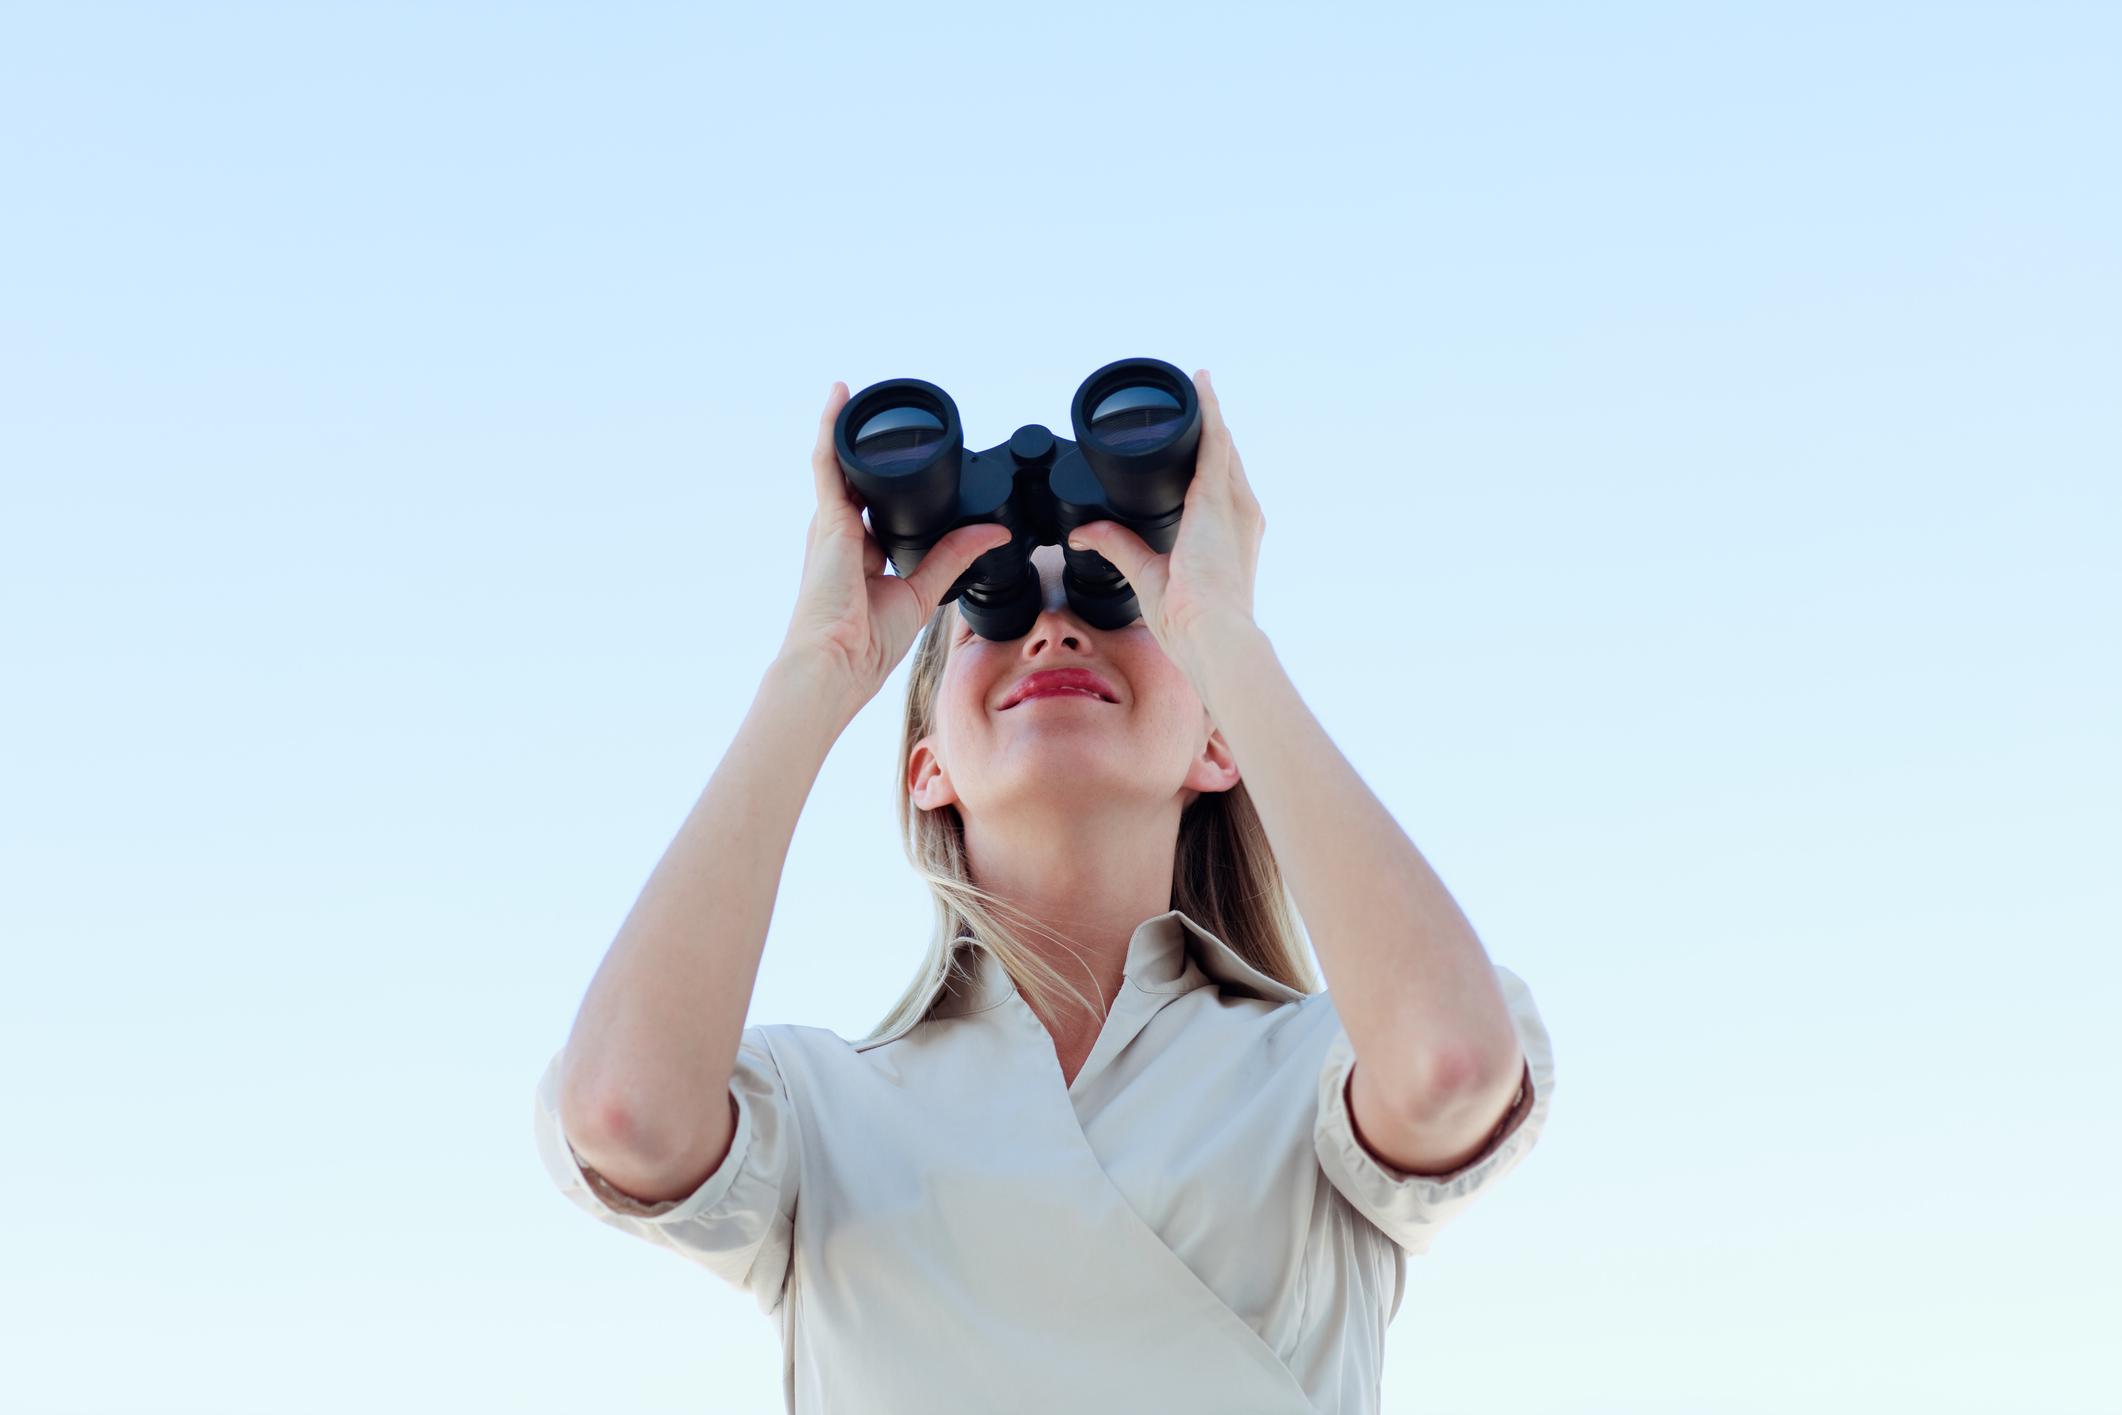 Sensitiv og jobsøgende? Få karriererådgiverens råd til procesen